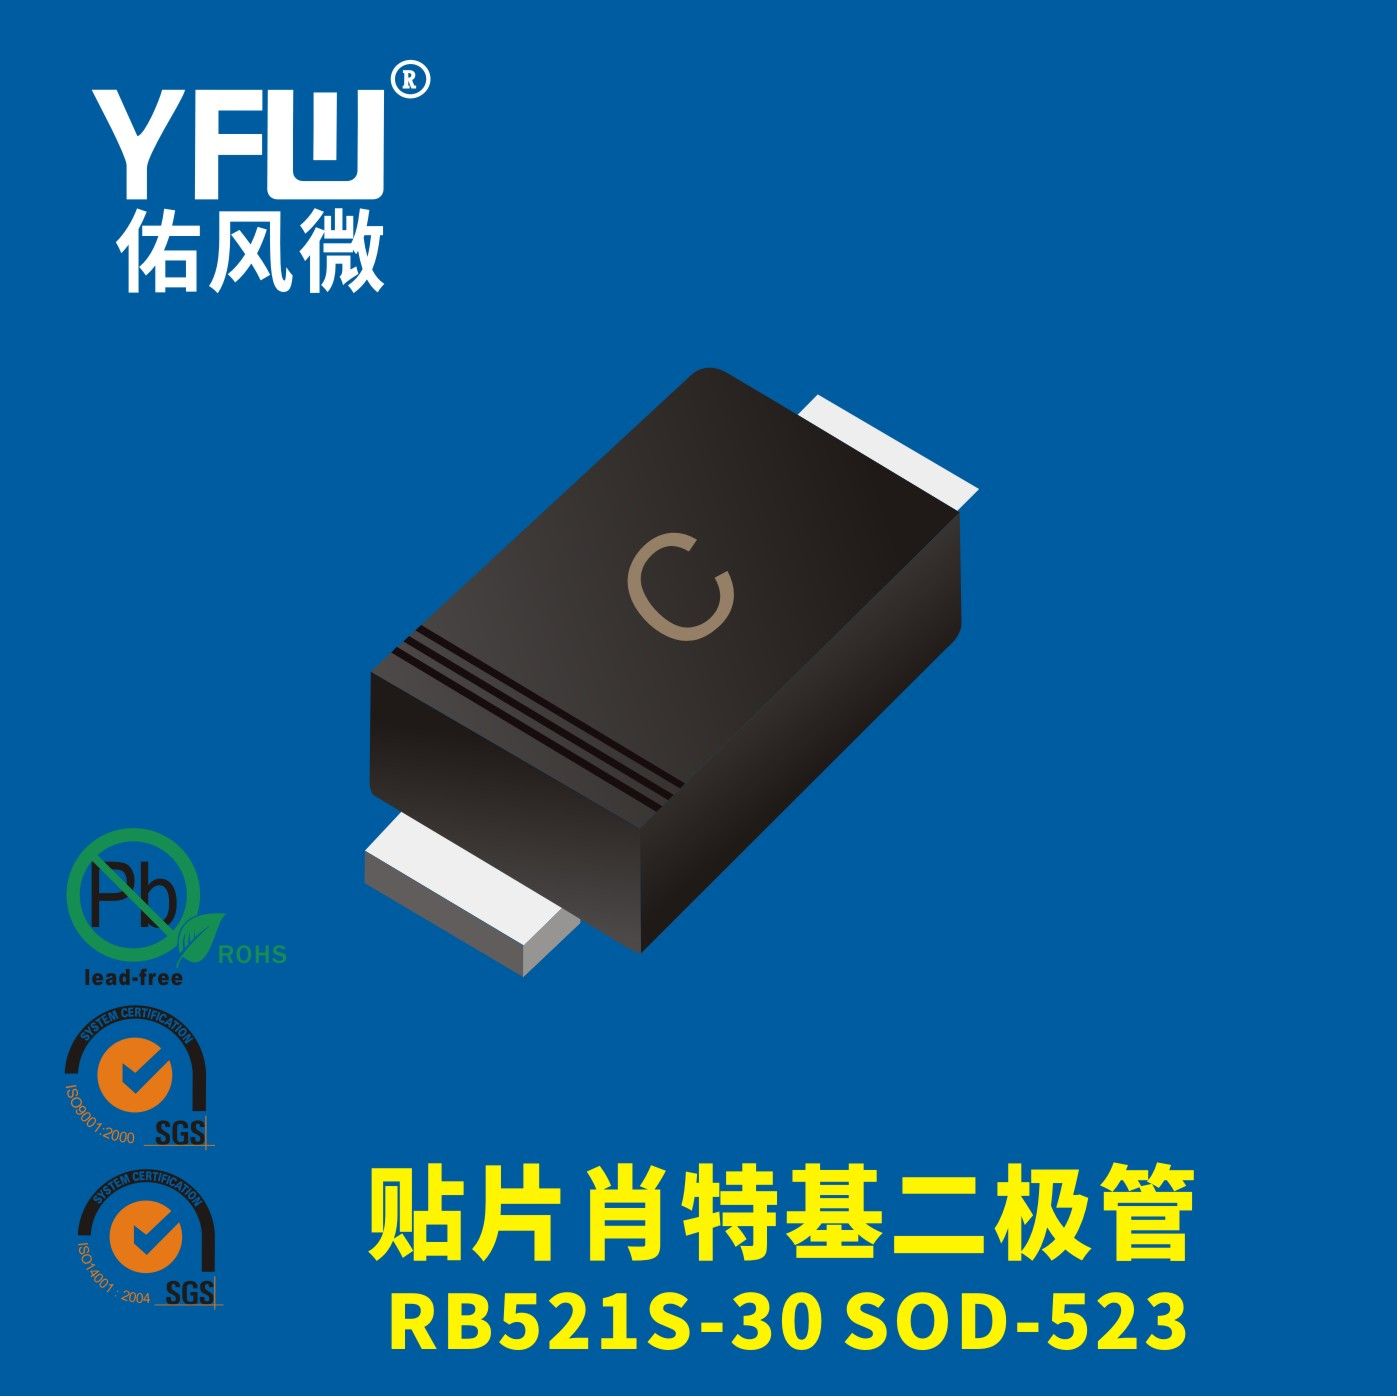 RB521S-30  SOD-523贴片肖特基二极管印字C  YFW佑风微品牌